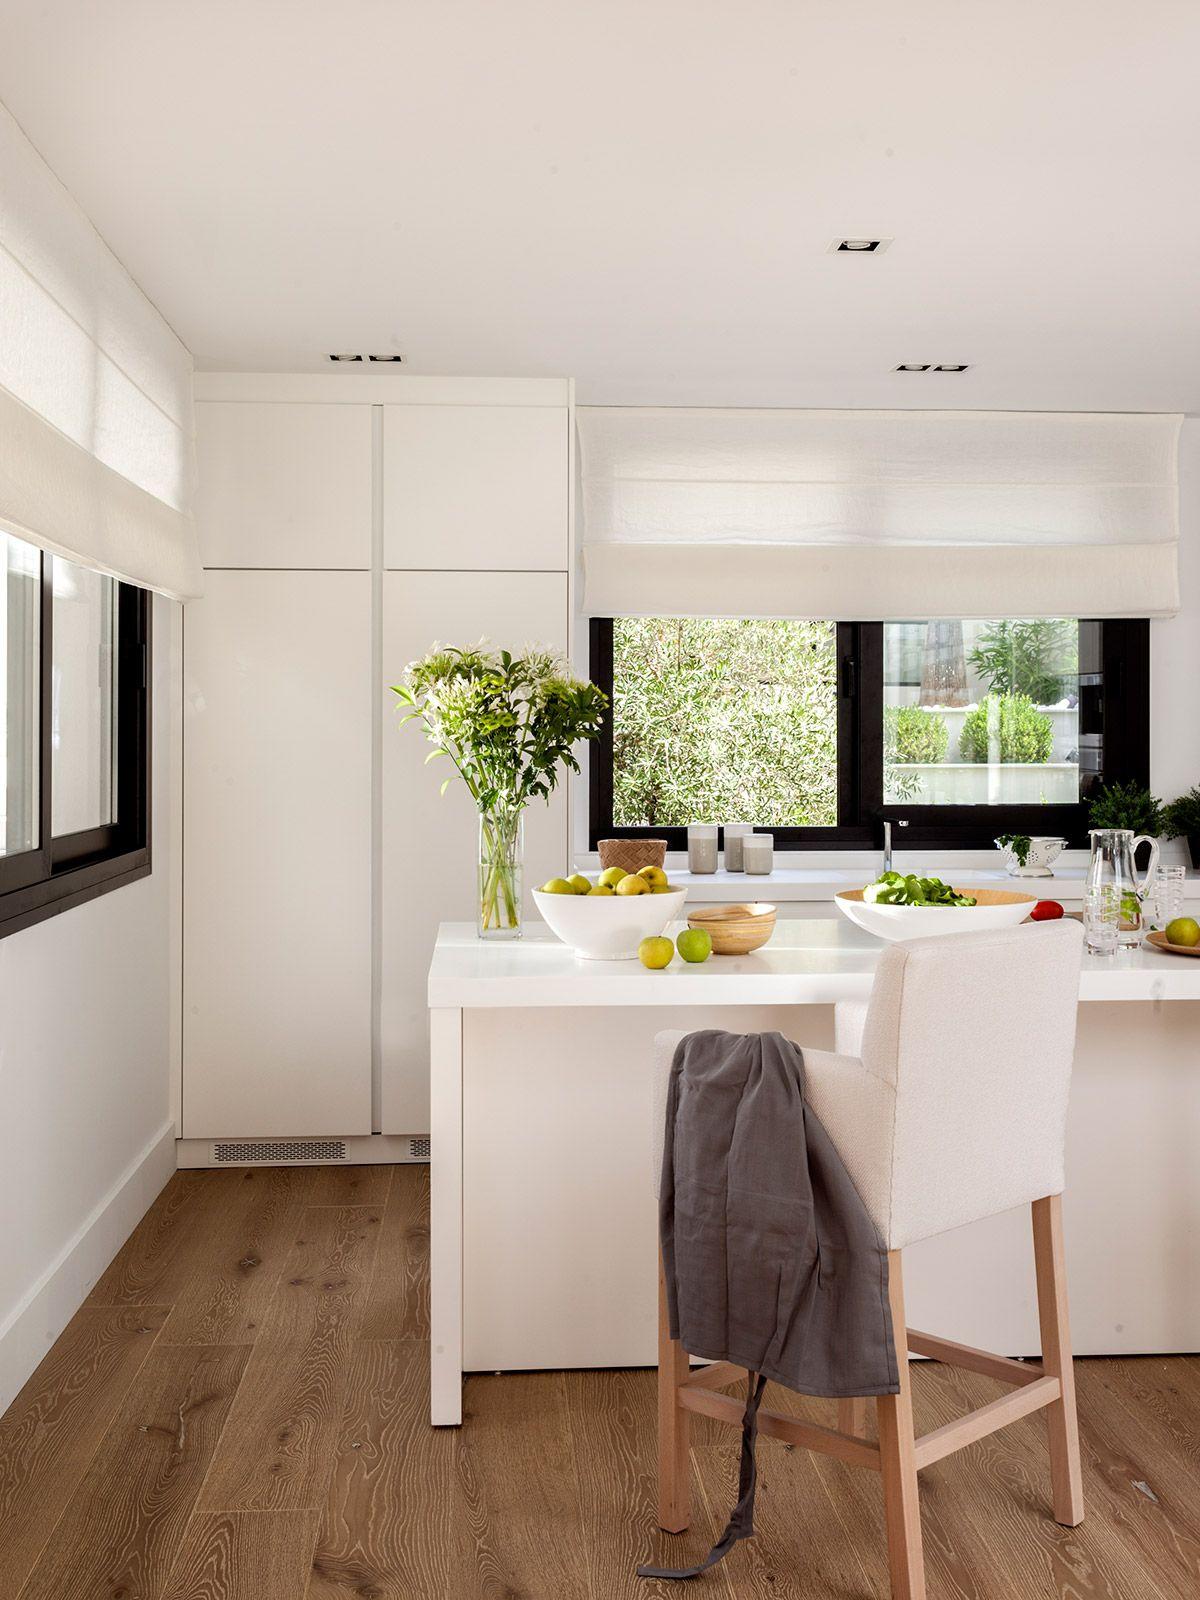 cocina-barra-el-mueble-00465239 O | Proyectos que intentar ...